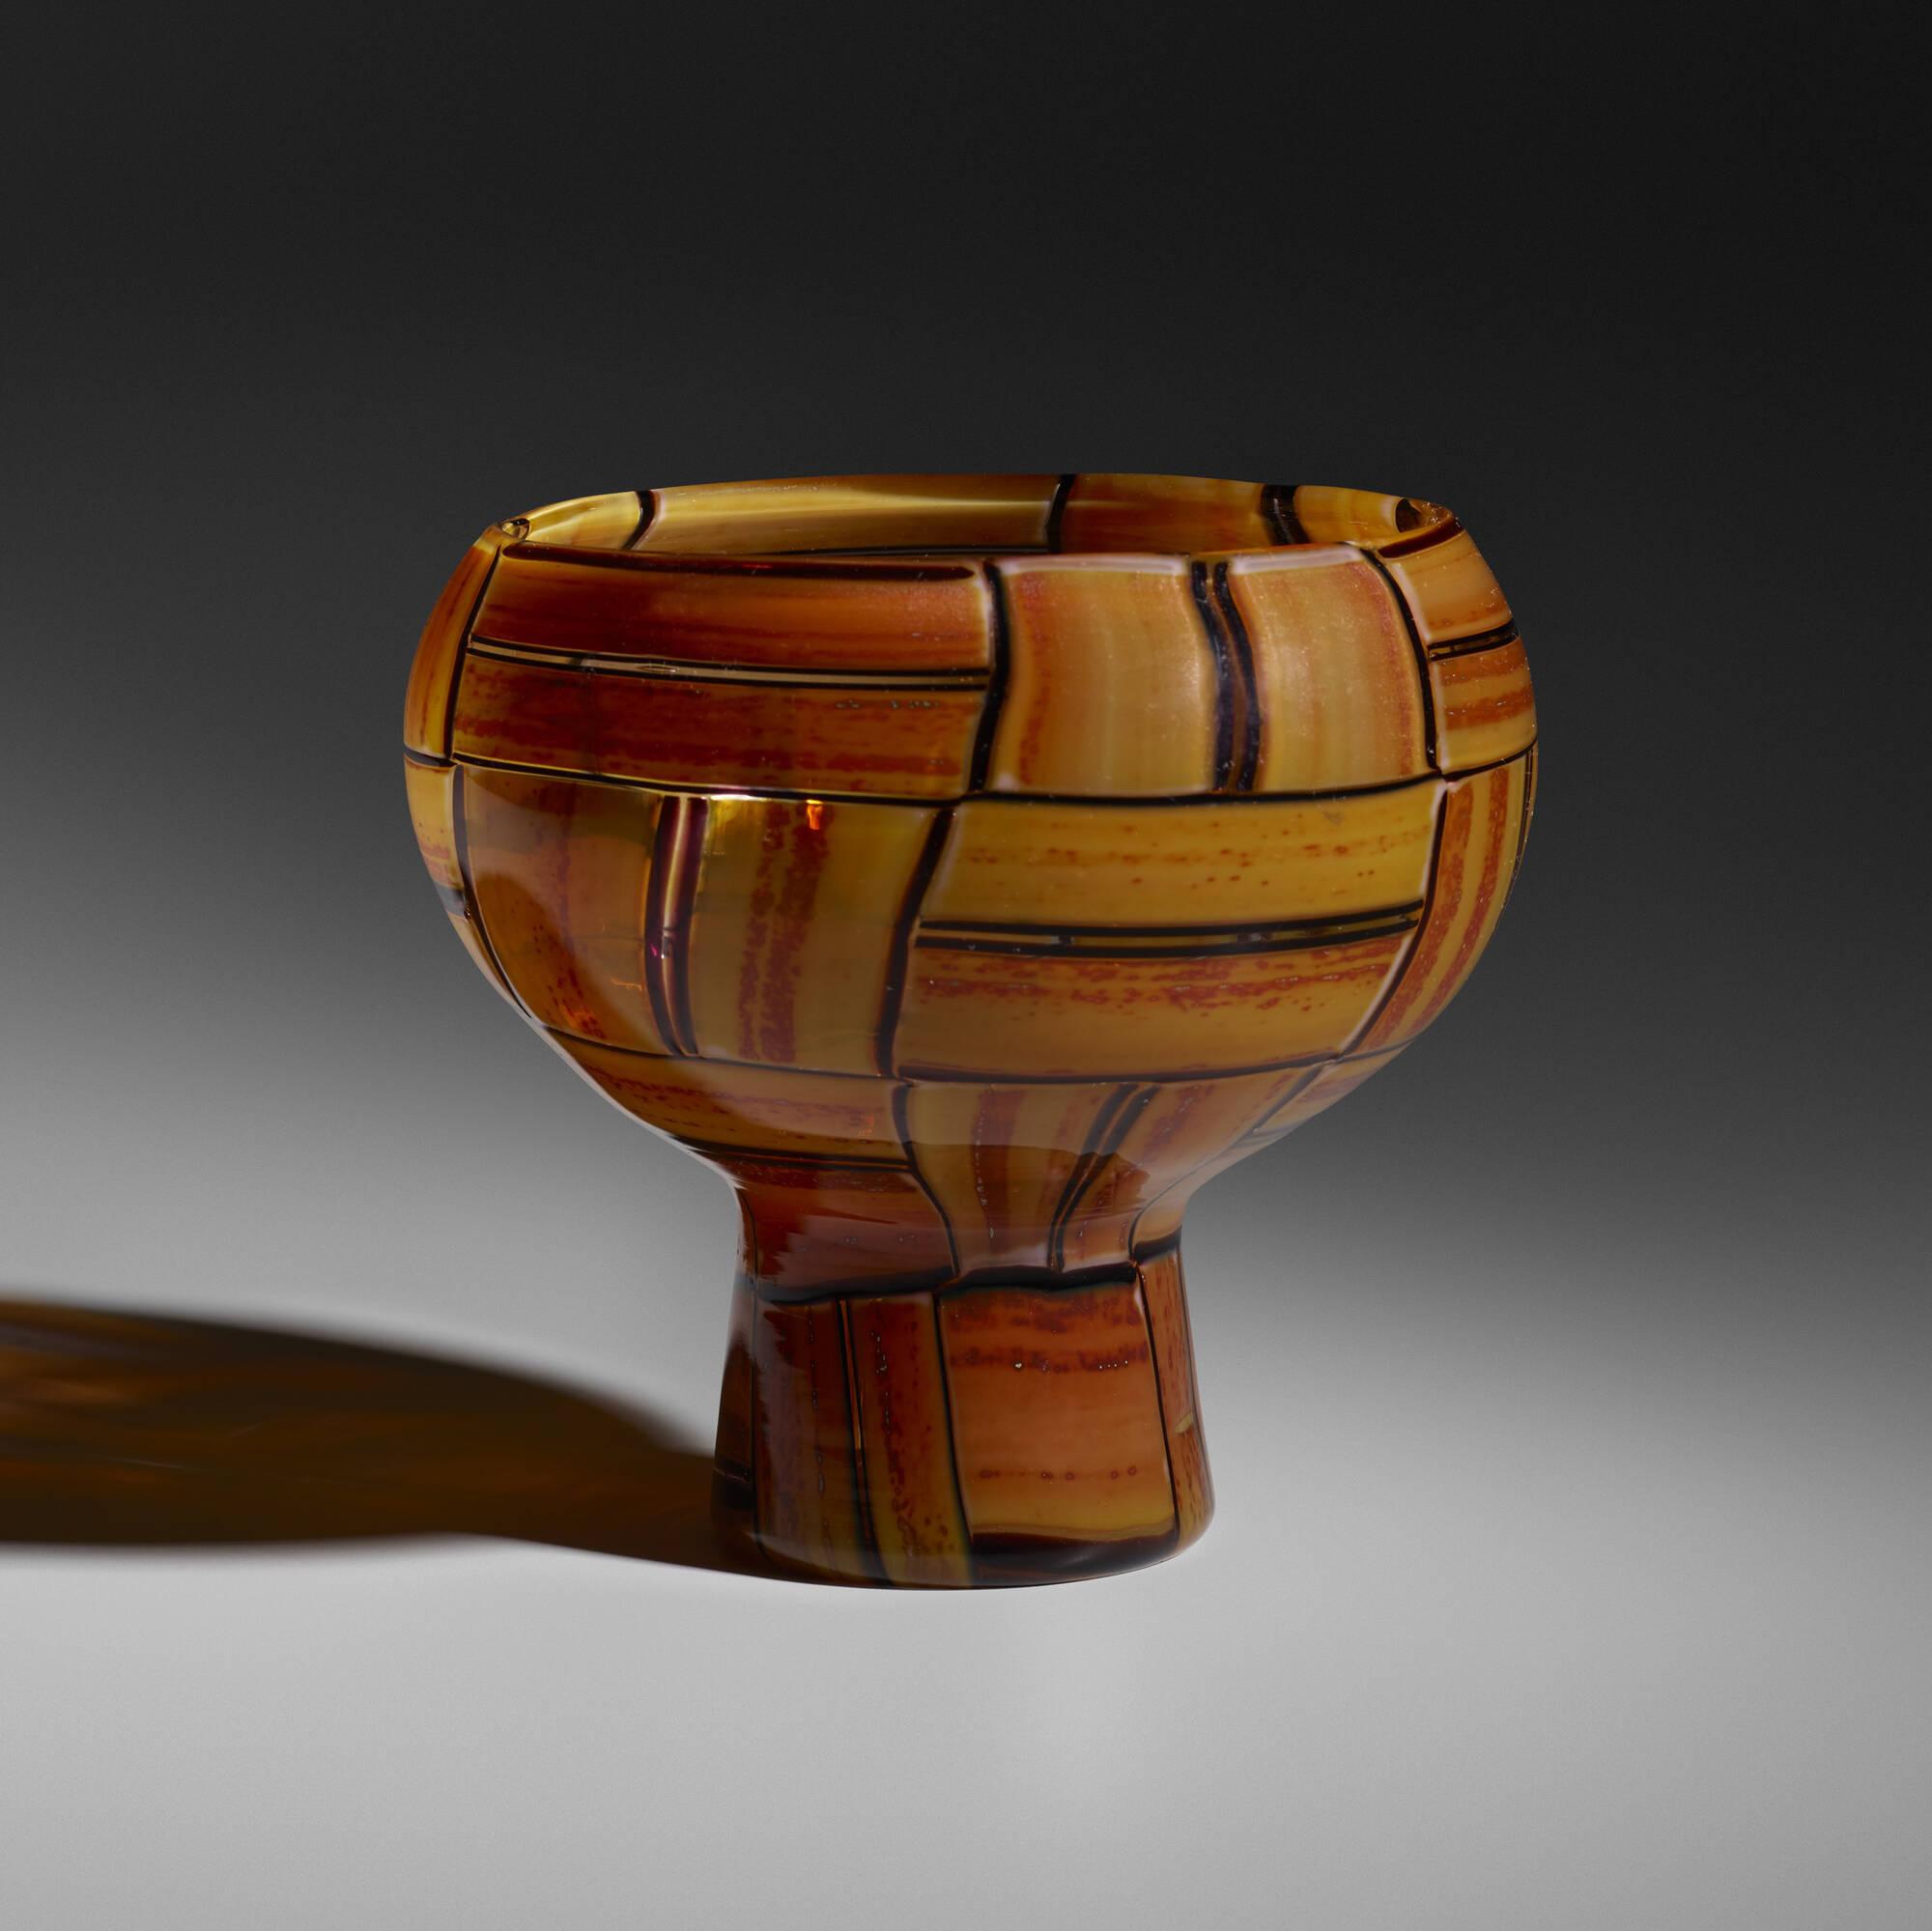 37: Ercole Barovier / Tessere Ambra vase (3 of 5)